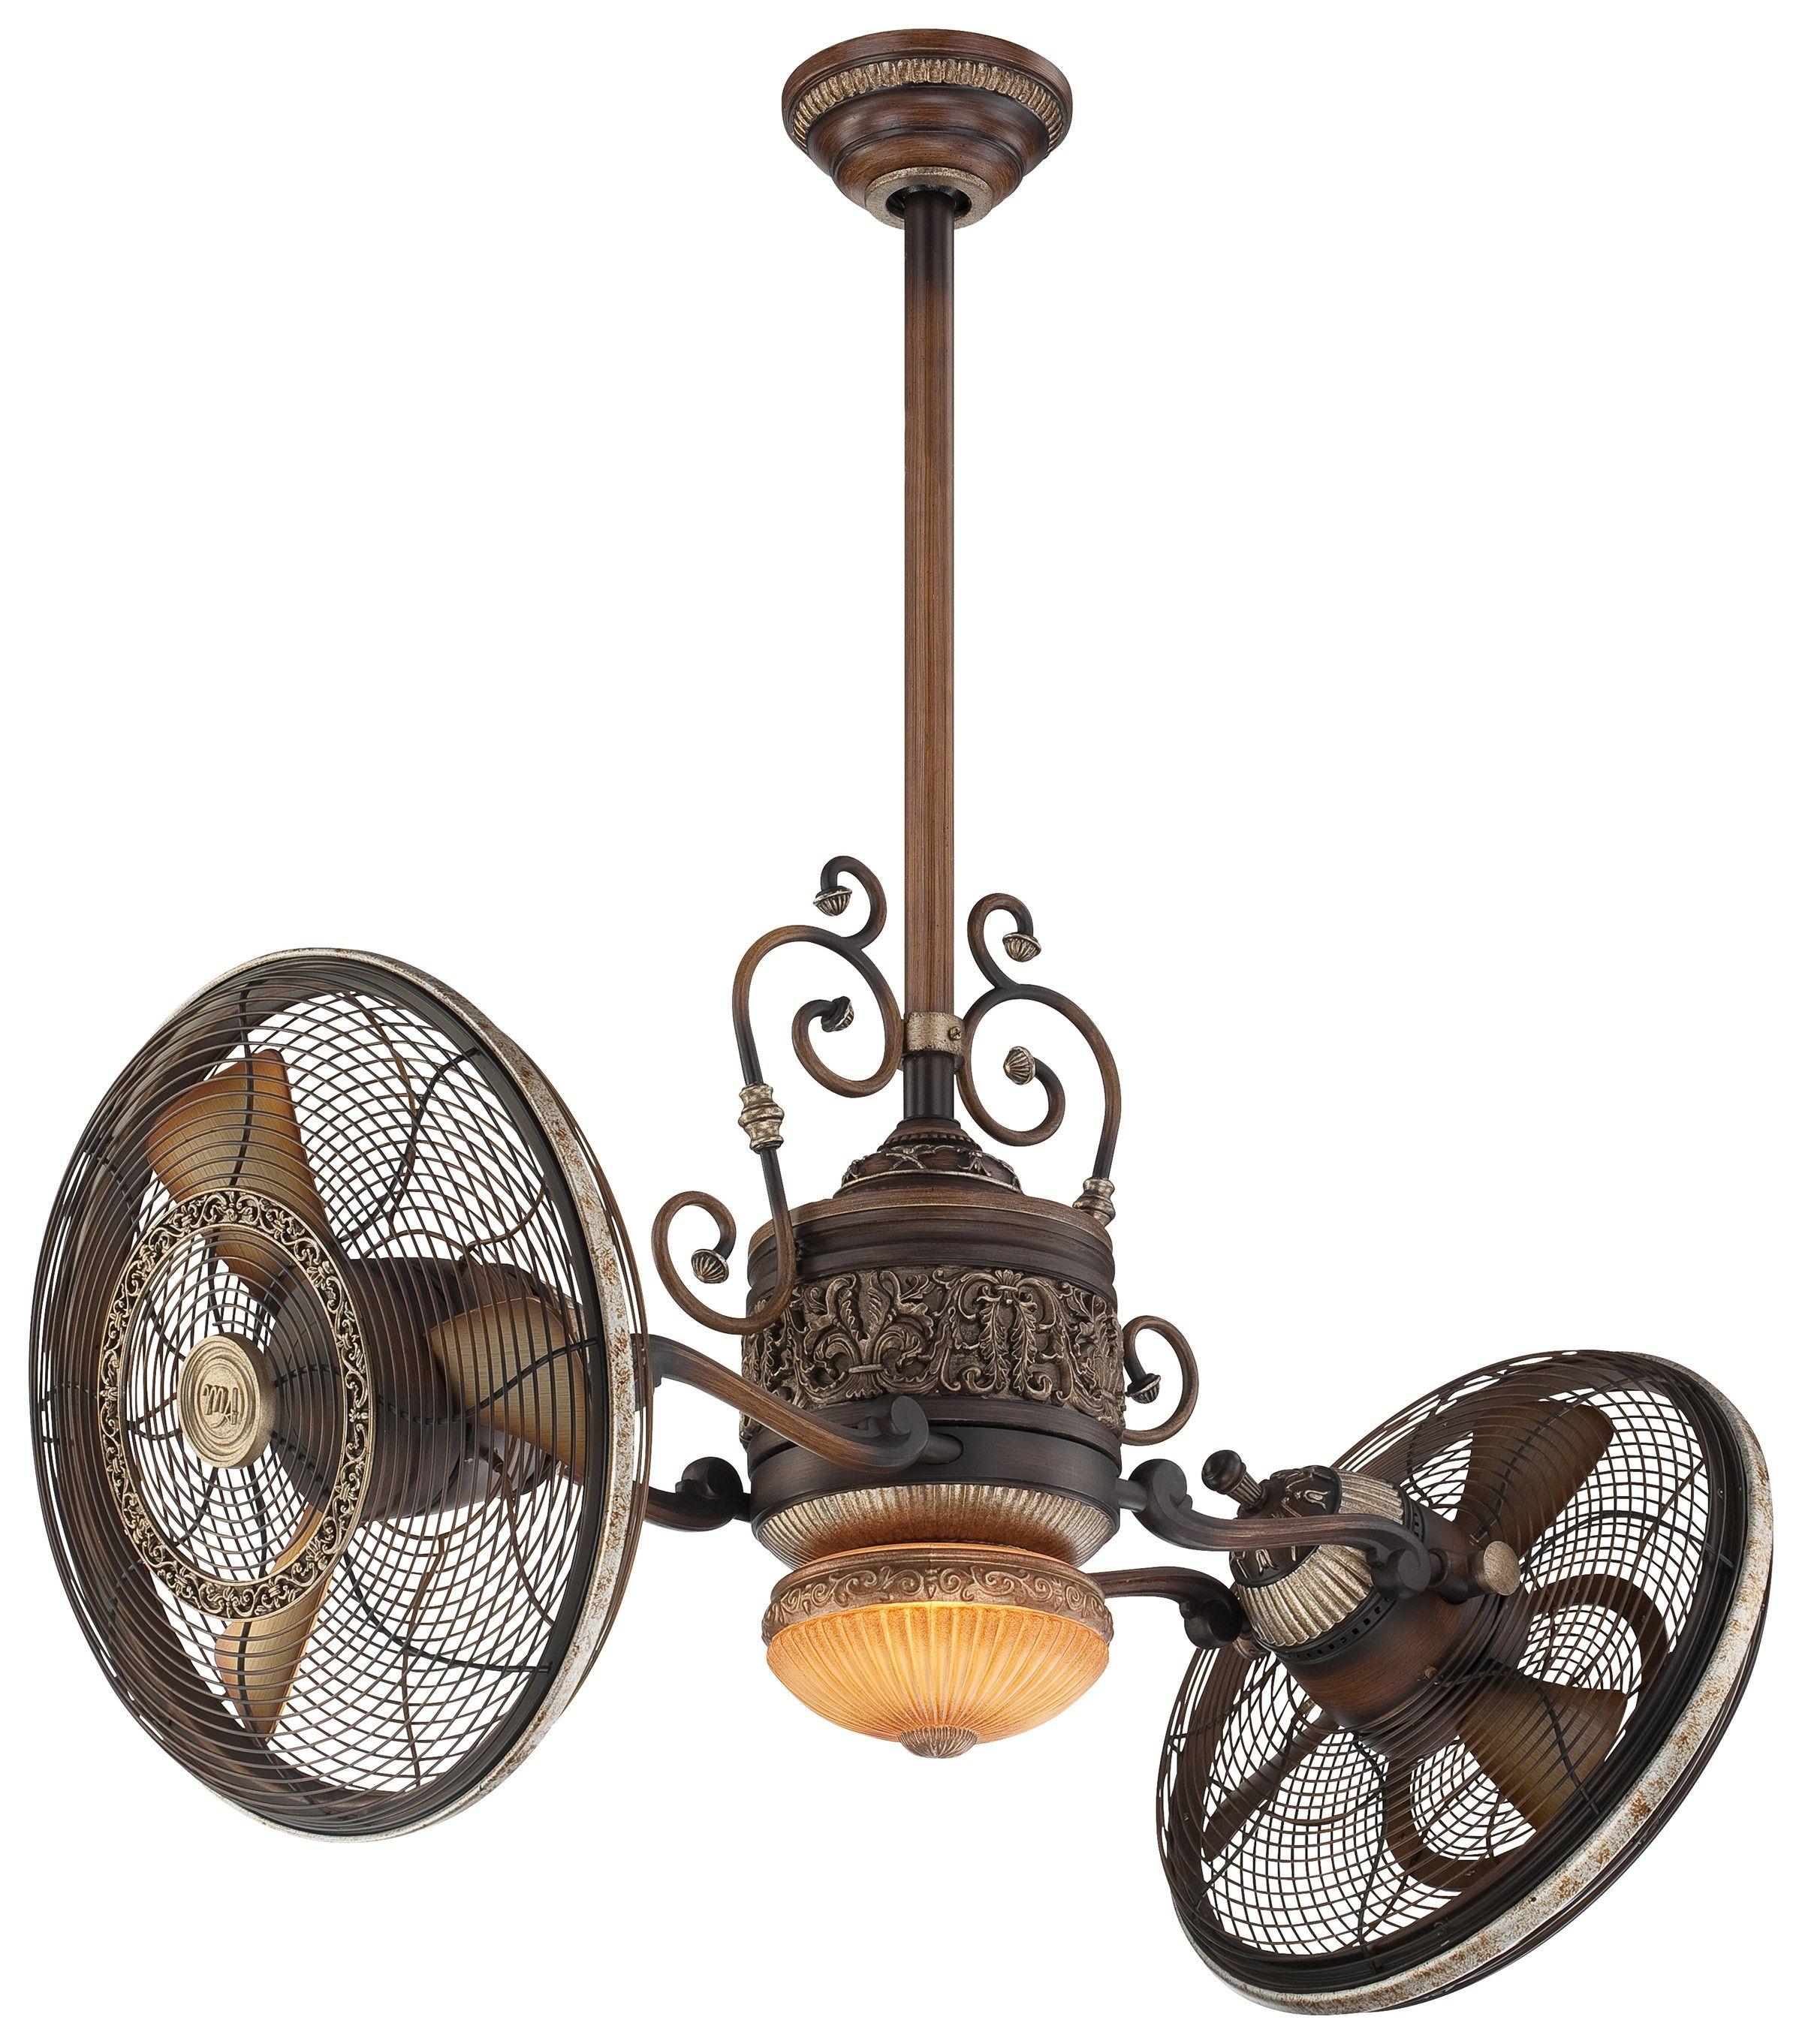 42 Ceiling Fan Three Fan Speeds Forward Reverse & Light Dimmer